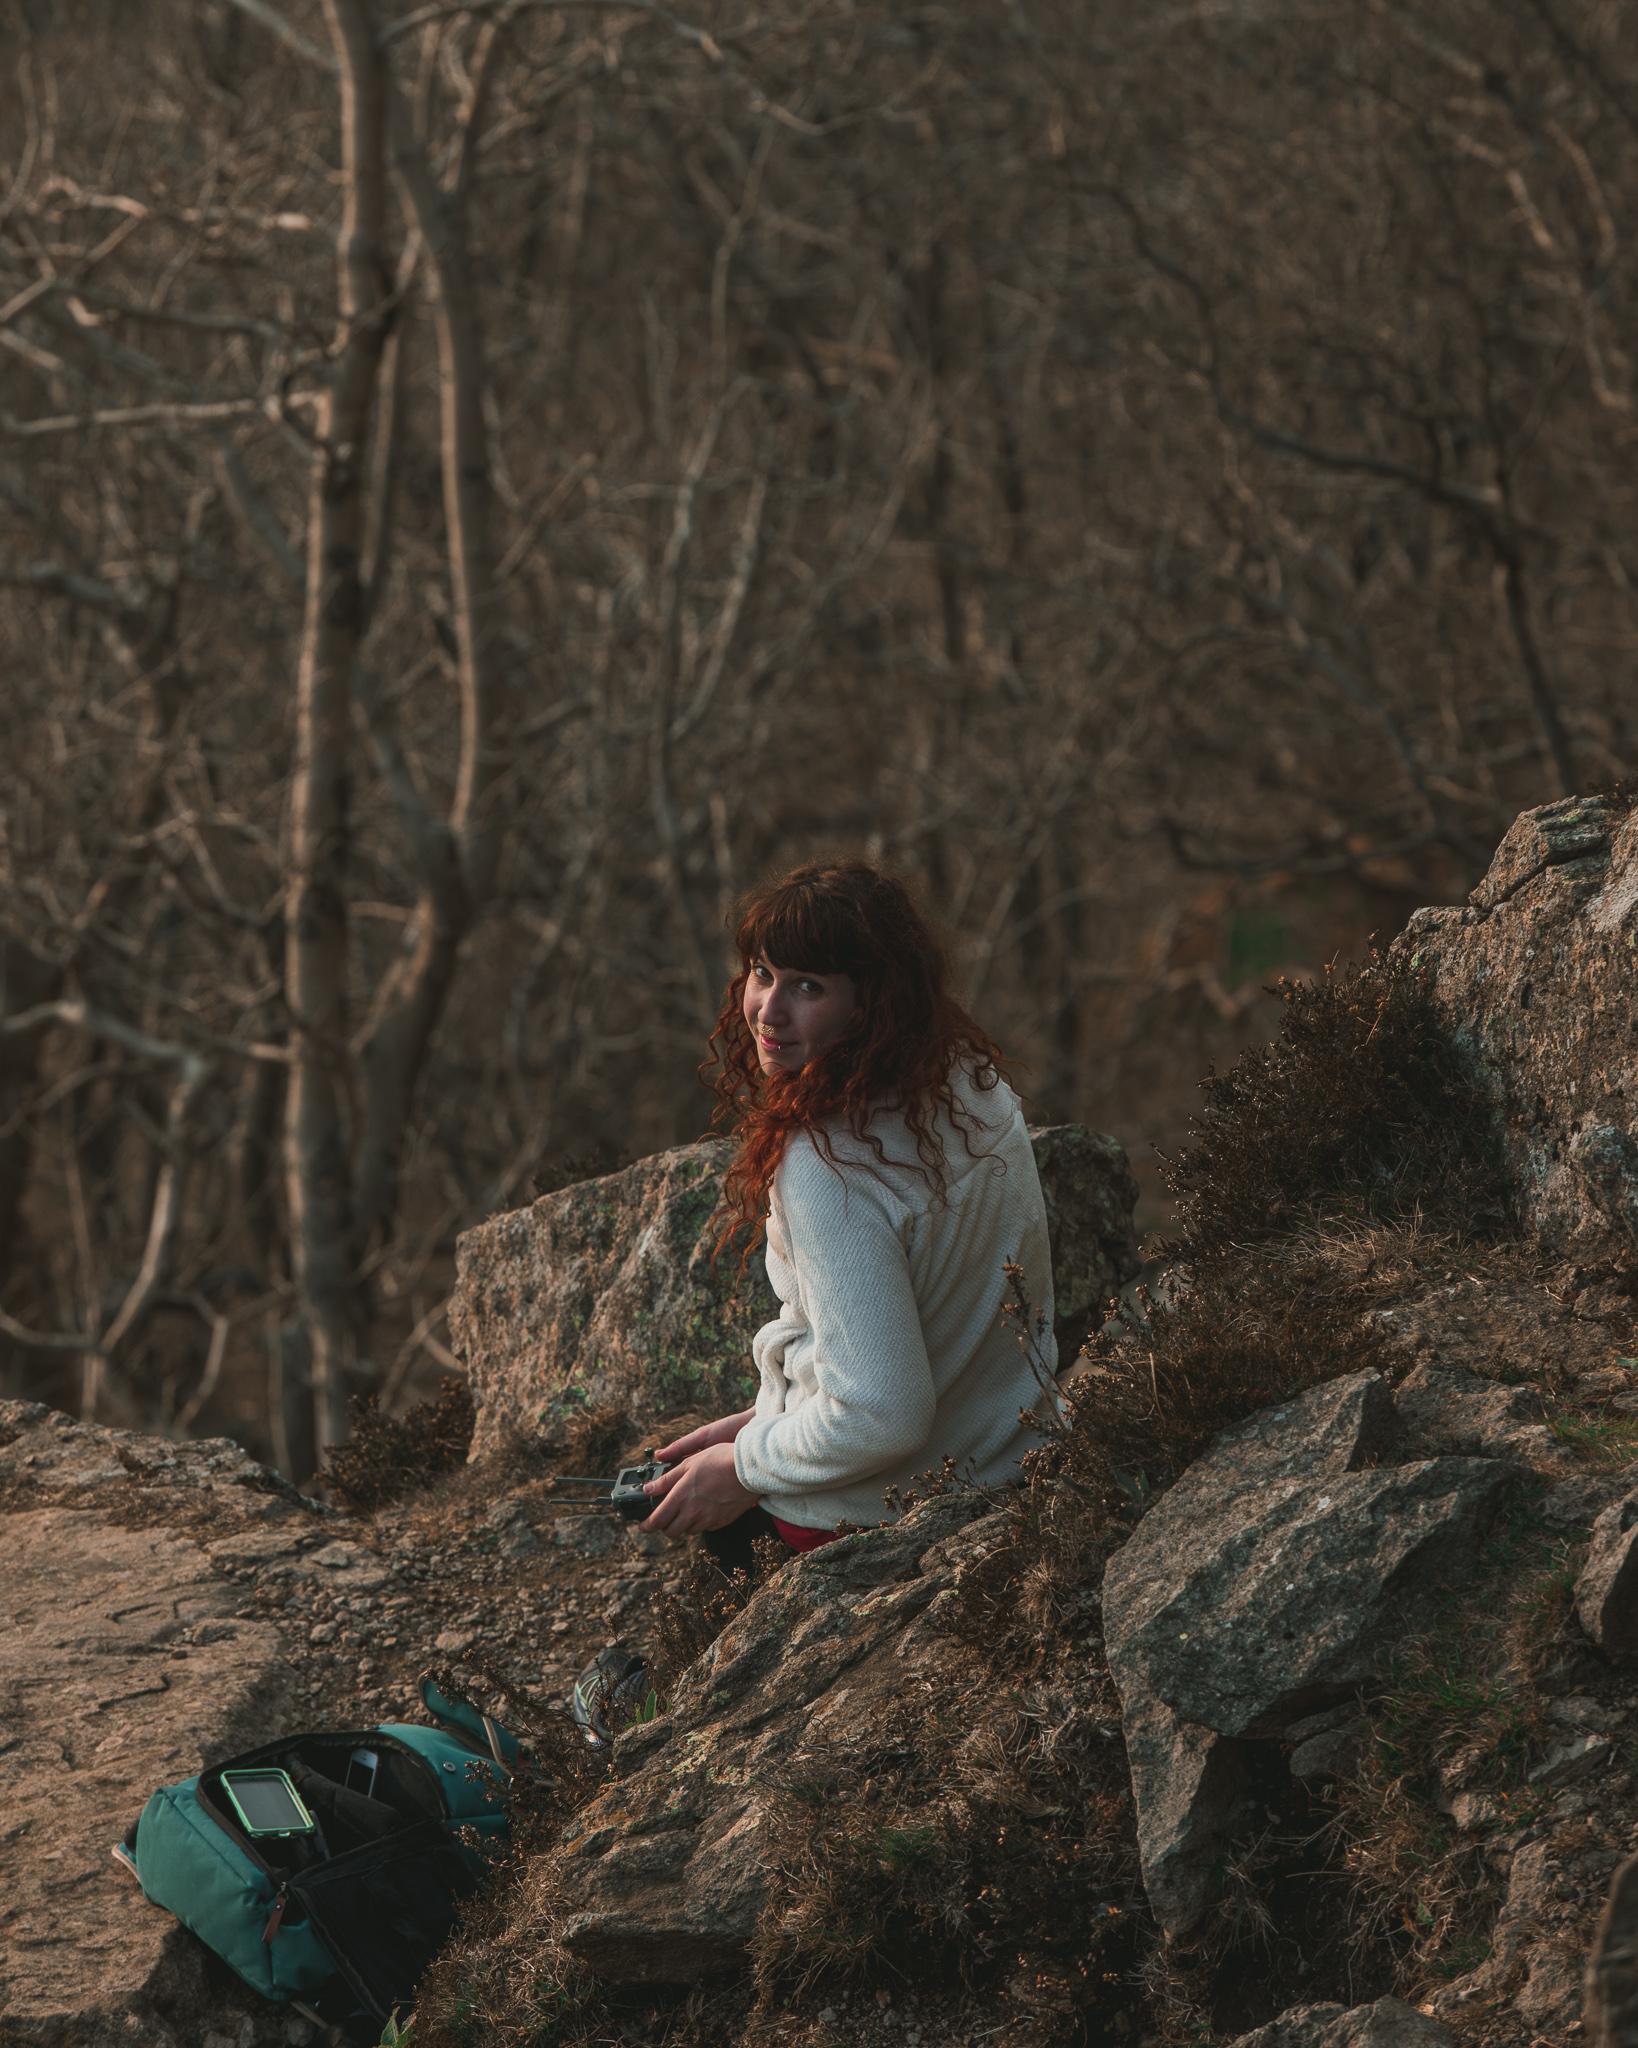 woman climber photographer